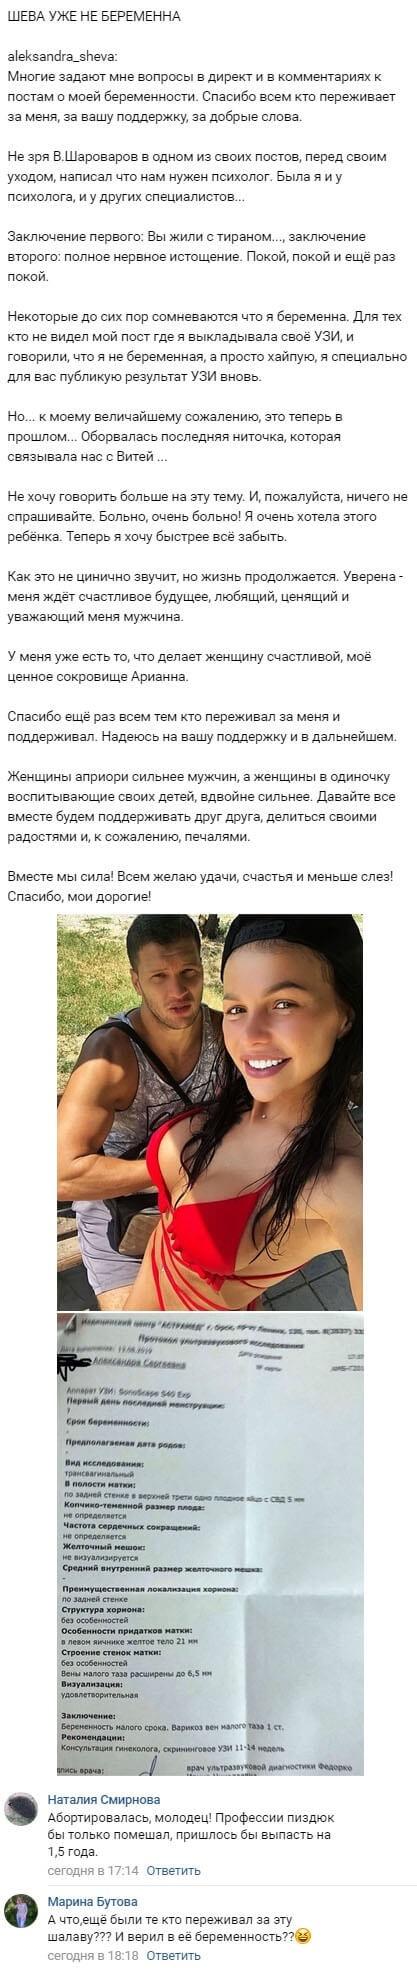 Случайная беременность Александры Шевы ожидаемо прервалась